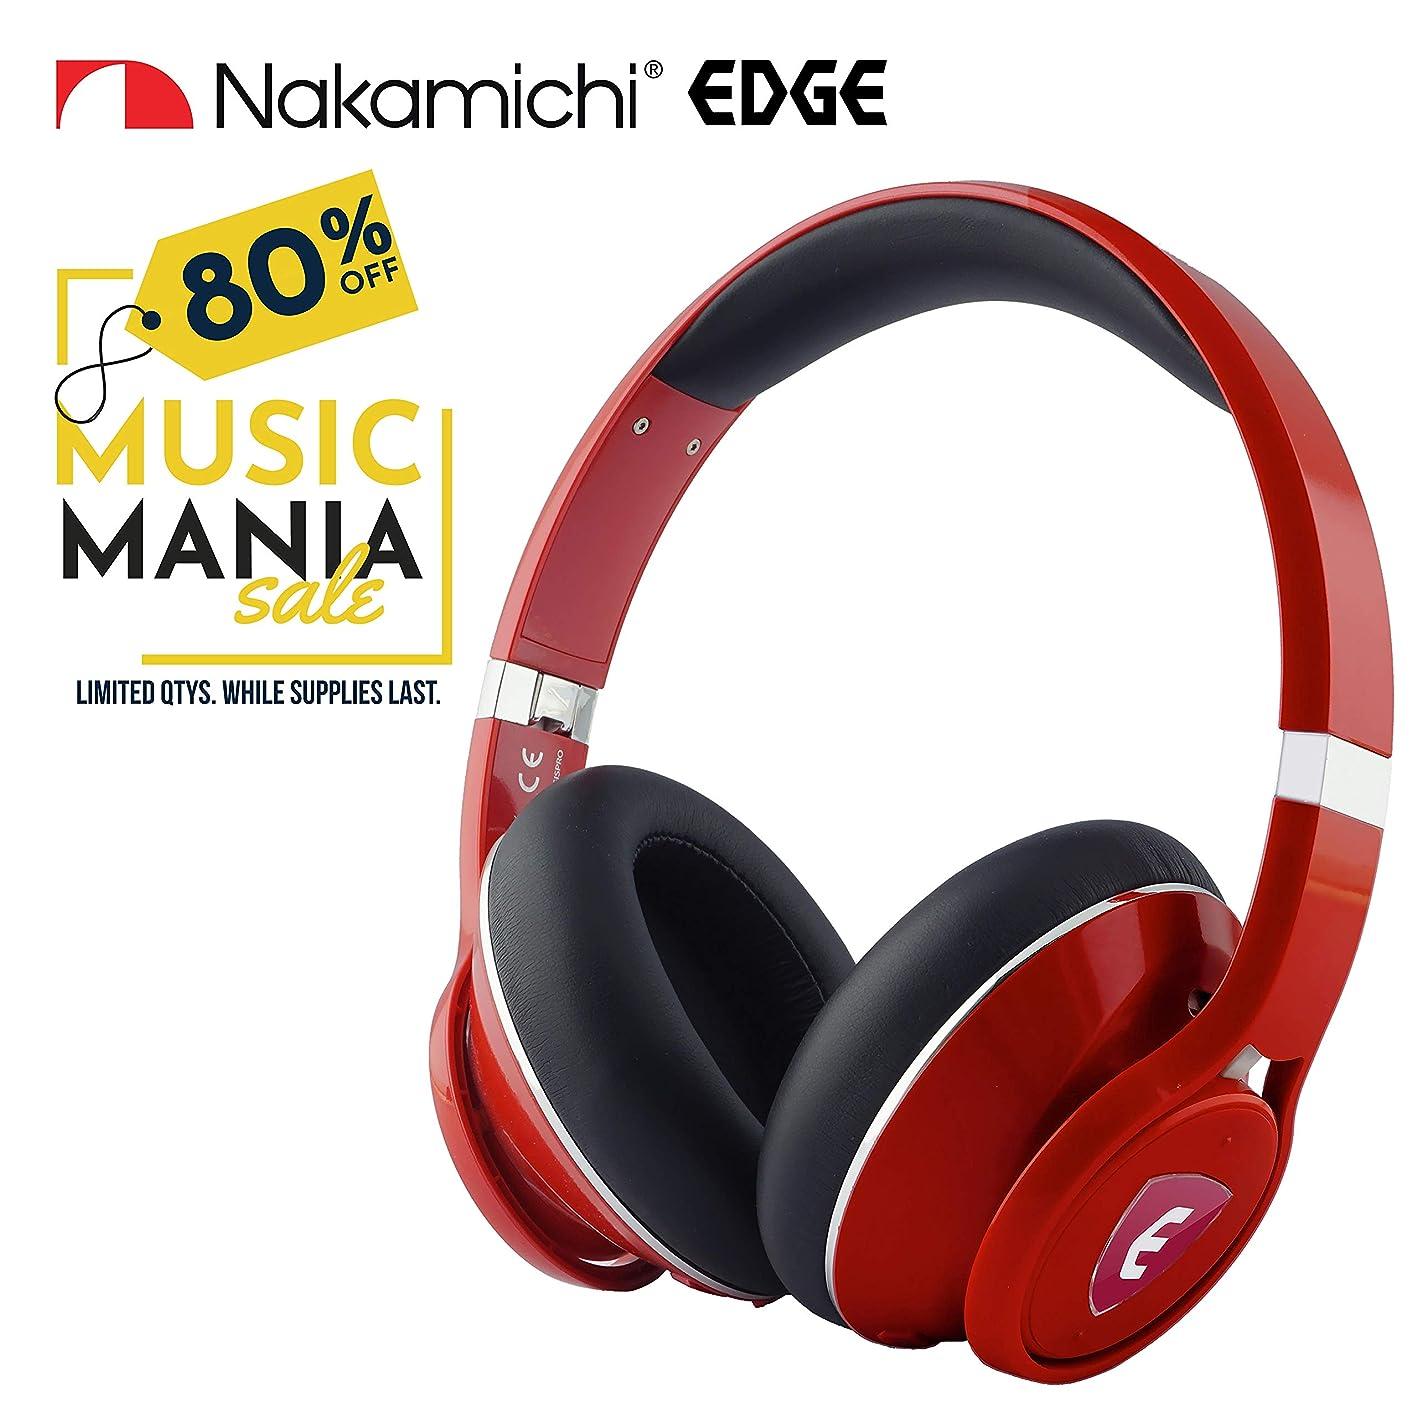 野心失敗マリンNakamichi Edge デュアルドライバー ワイヤレスヘッドホン アクティブノイズキャンセリング付き Edge (Red)